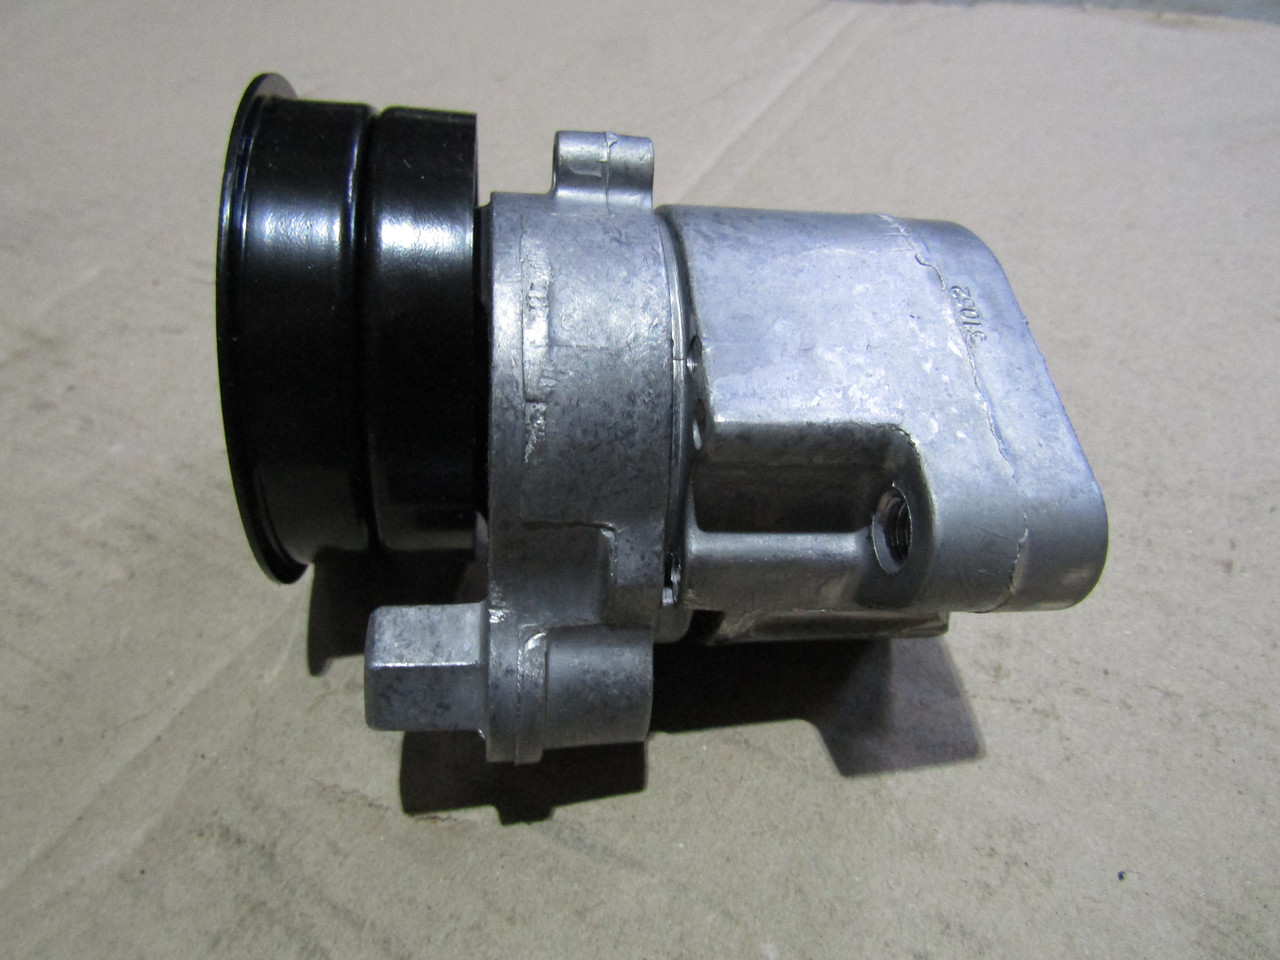 VKMCV 57002Ролик натяжной